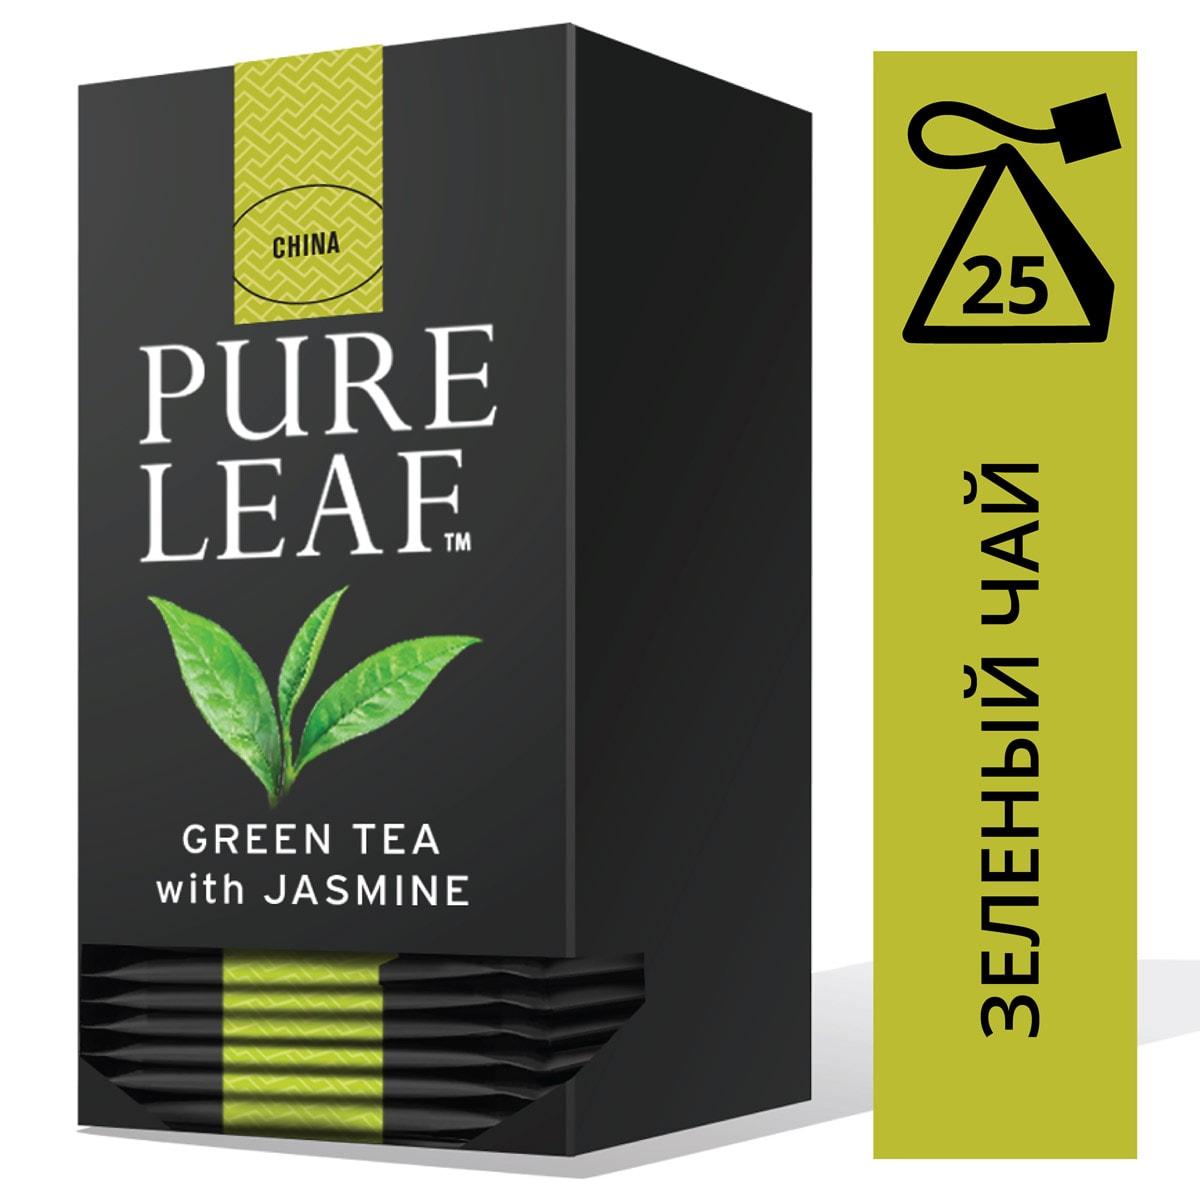 PURE LEAF зеленый чай в пакетиках Jasmine (25шт) - Крупнолистовой чай